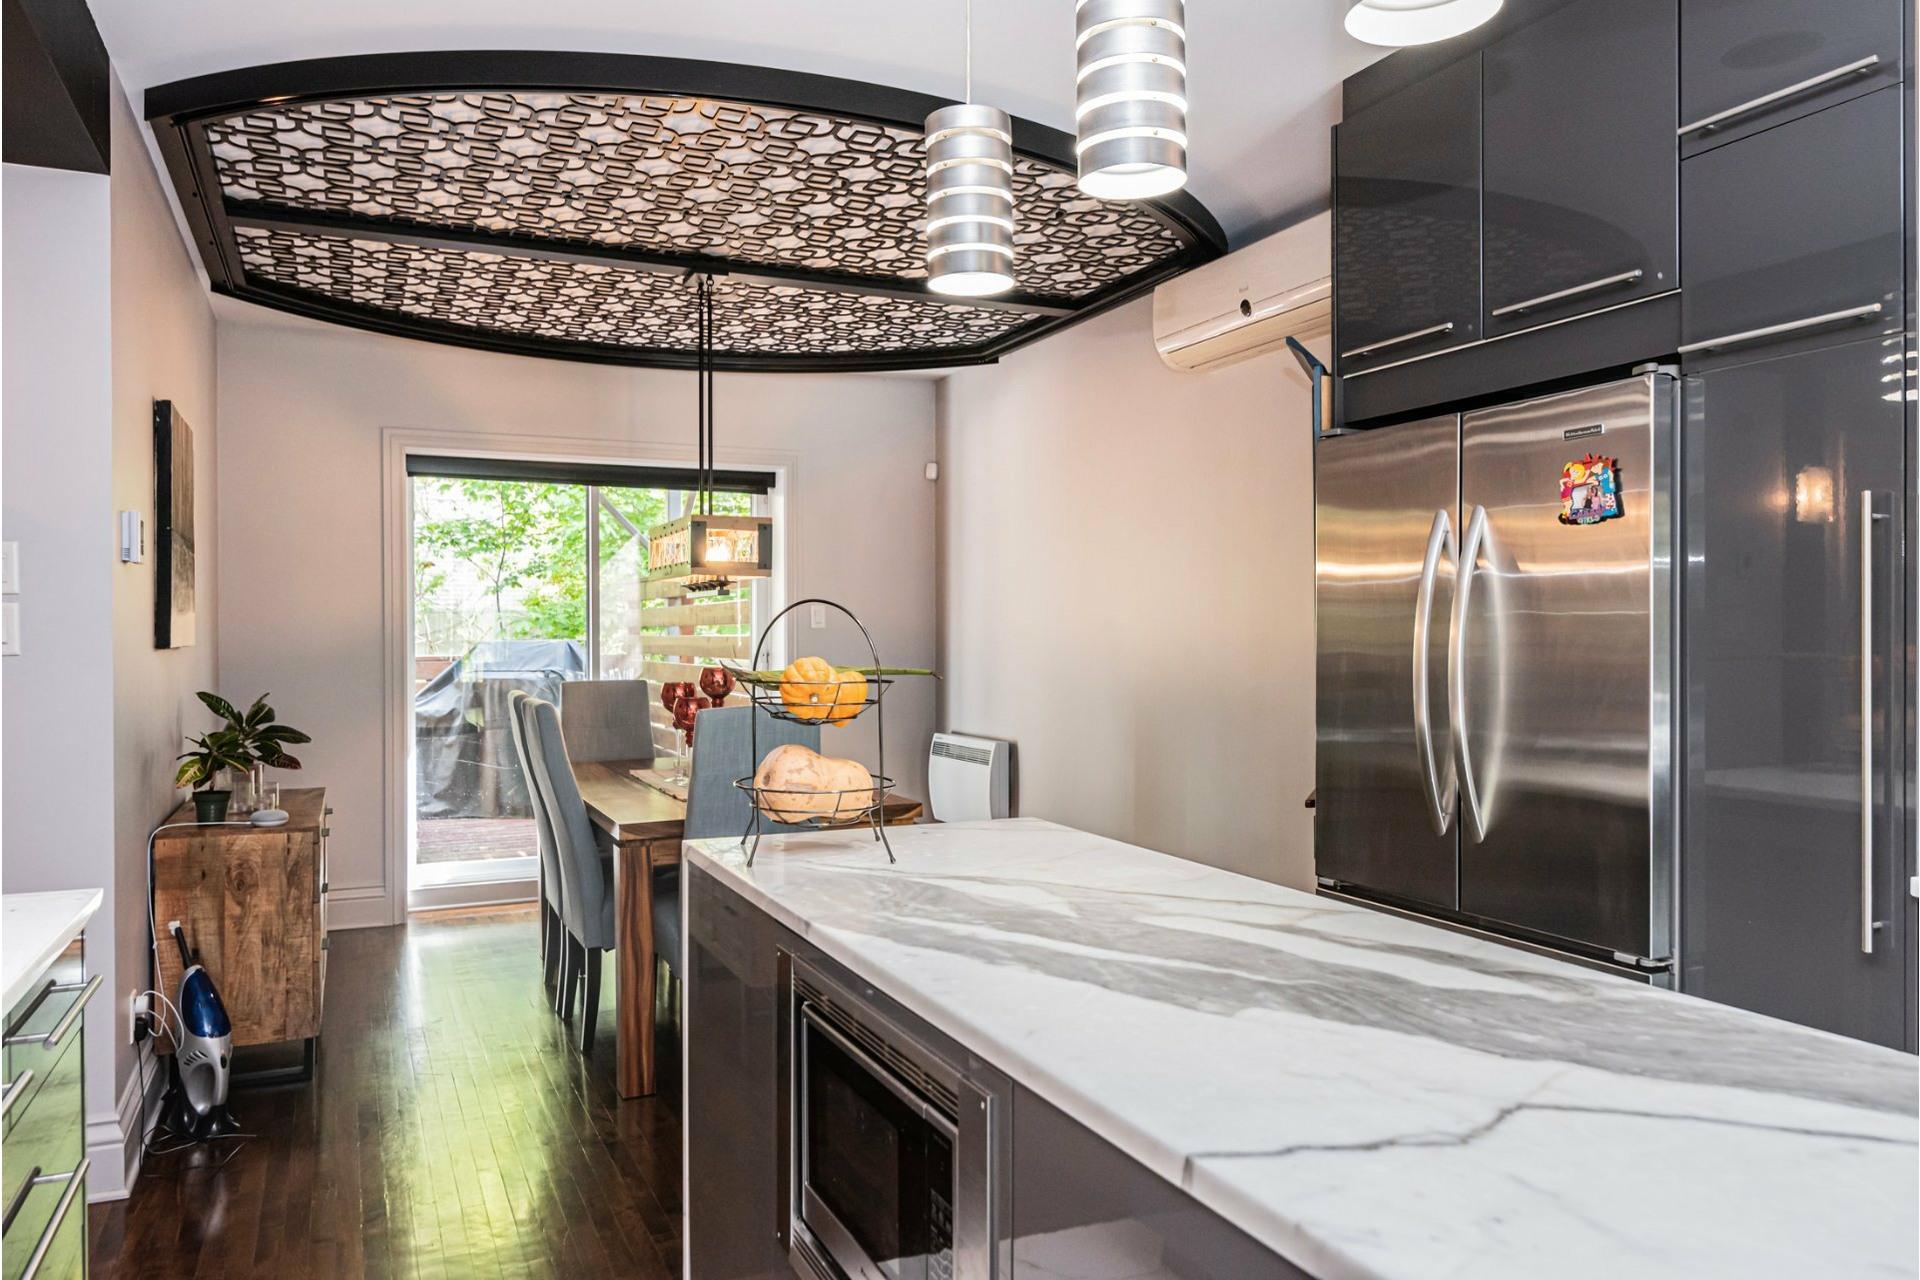 image 8 - Appartement À vendre Côte-des-Neiges/Notre-Dame-de-Grâce Montréal  - 10 pièces